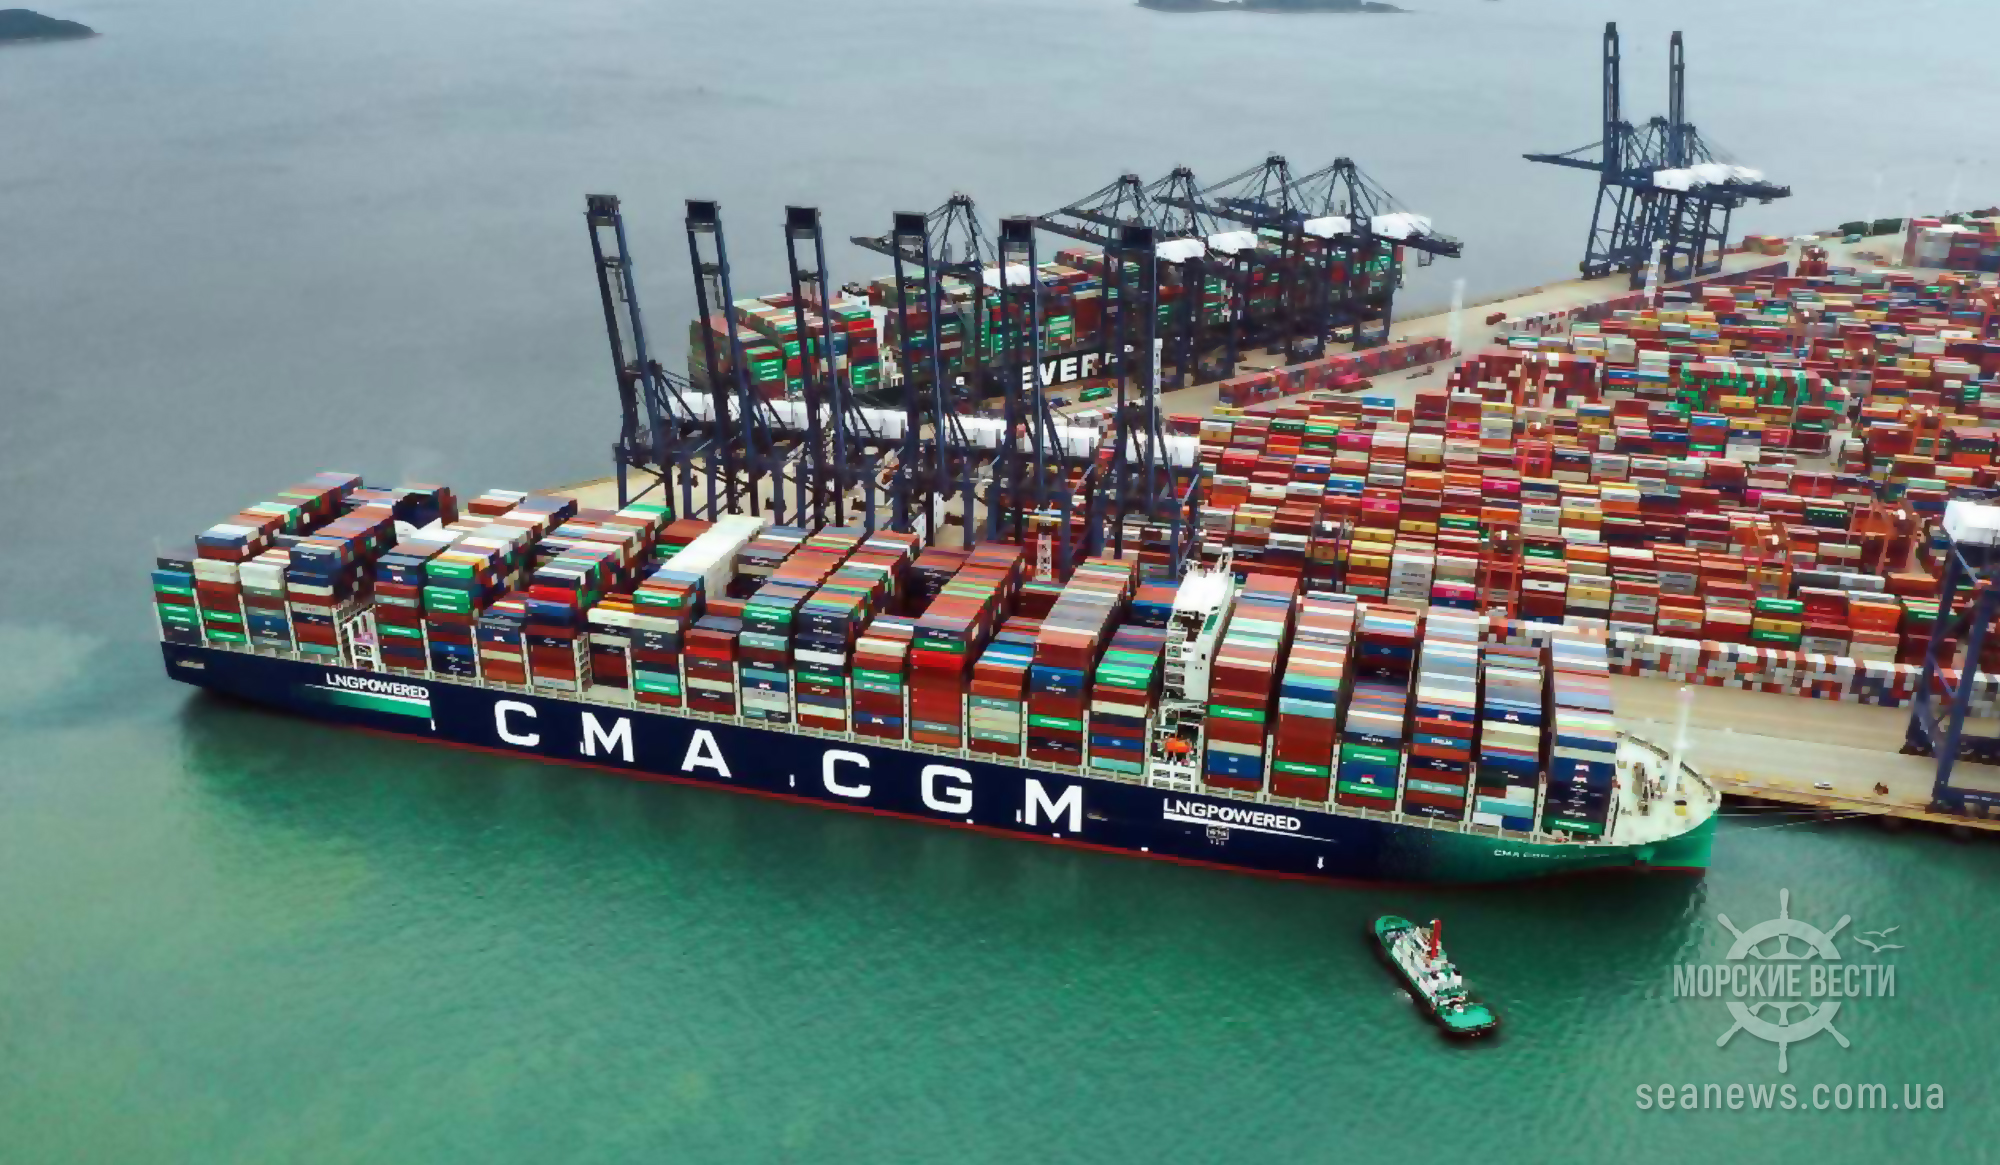 В Сингапур впервые прибыл контейнеровоз CMA CGM на СПГ вместимостью 24 тыс. TEU